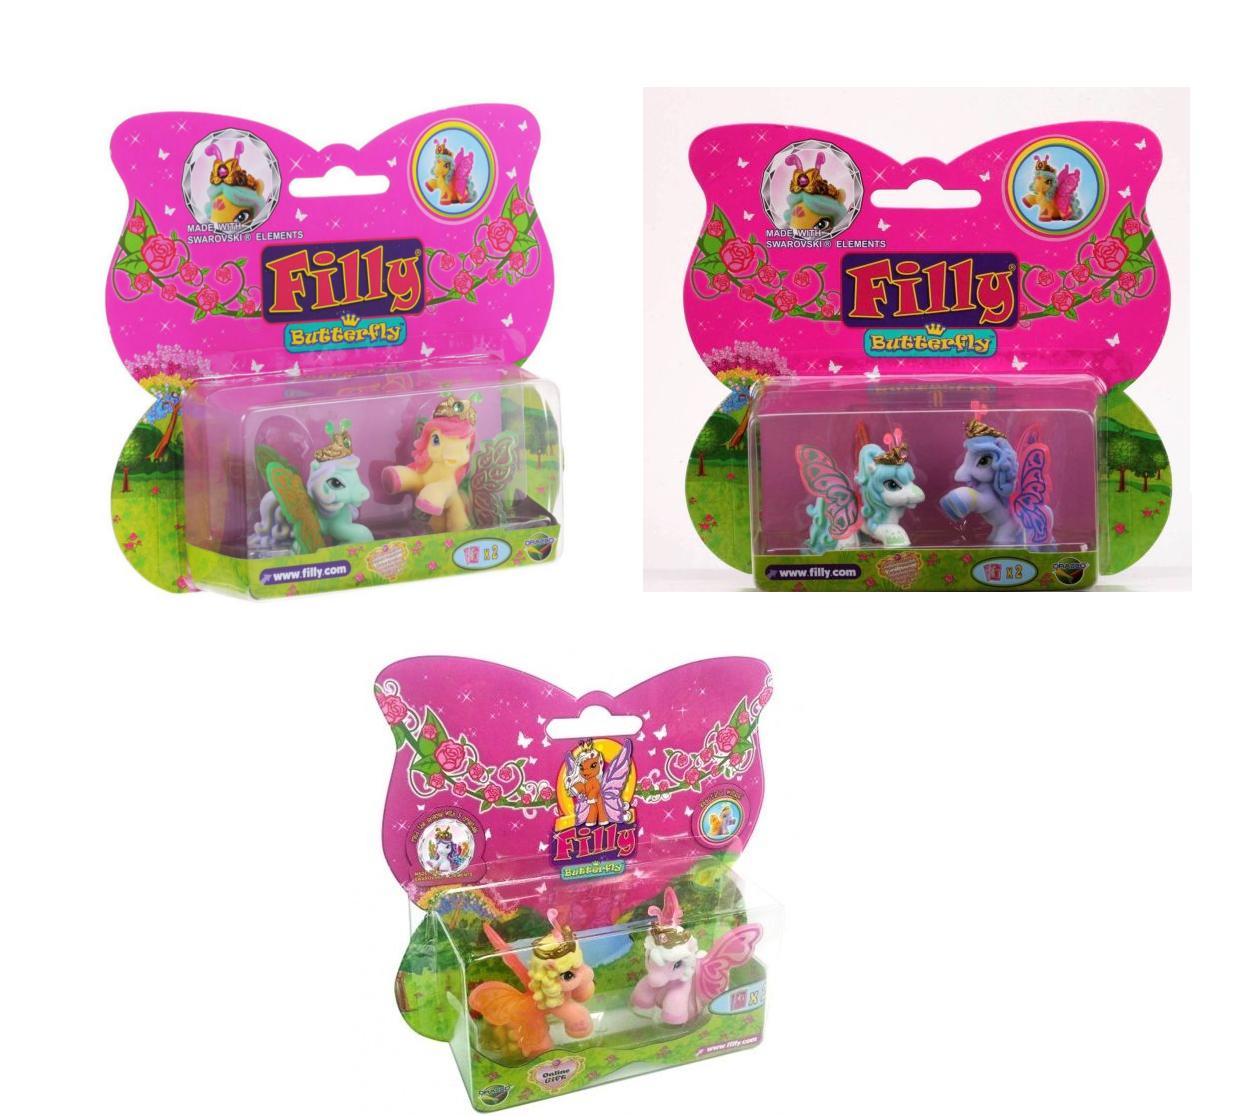 Набор Filly Бабочки - Лучшие друзьяЛошадки Филли Filly Princess<br>Набор Filly Бабочки - Лучшие друзья<br>